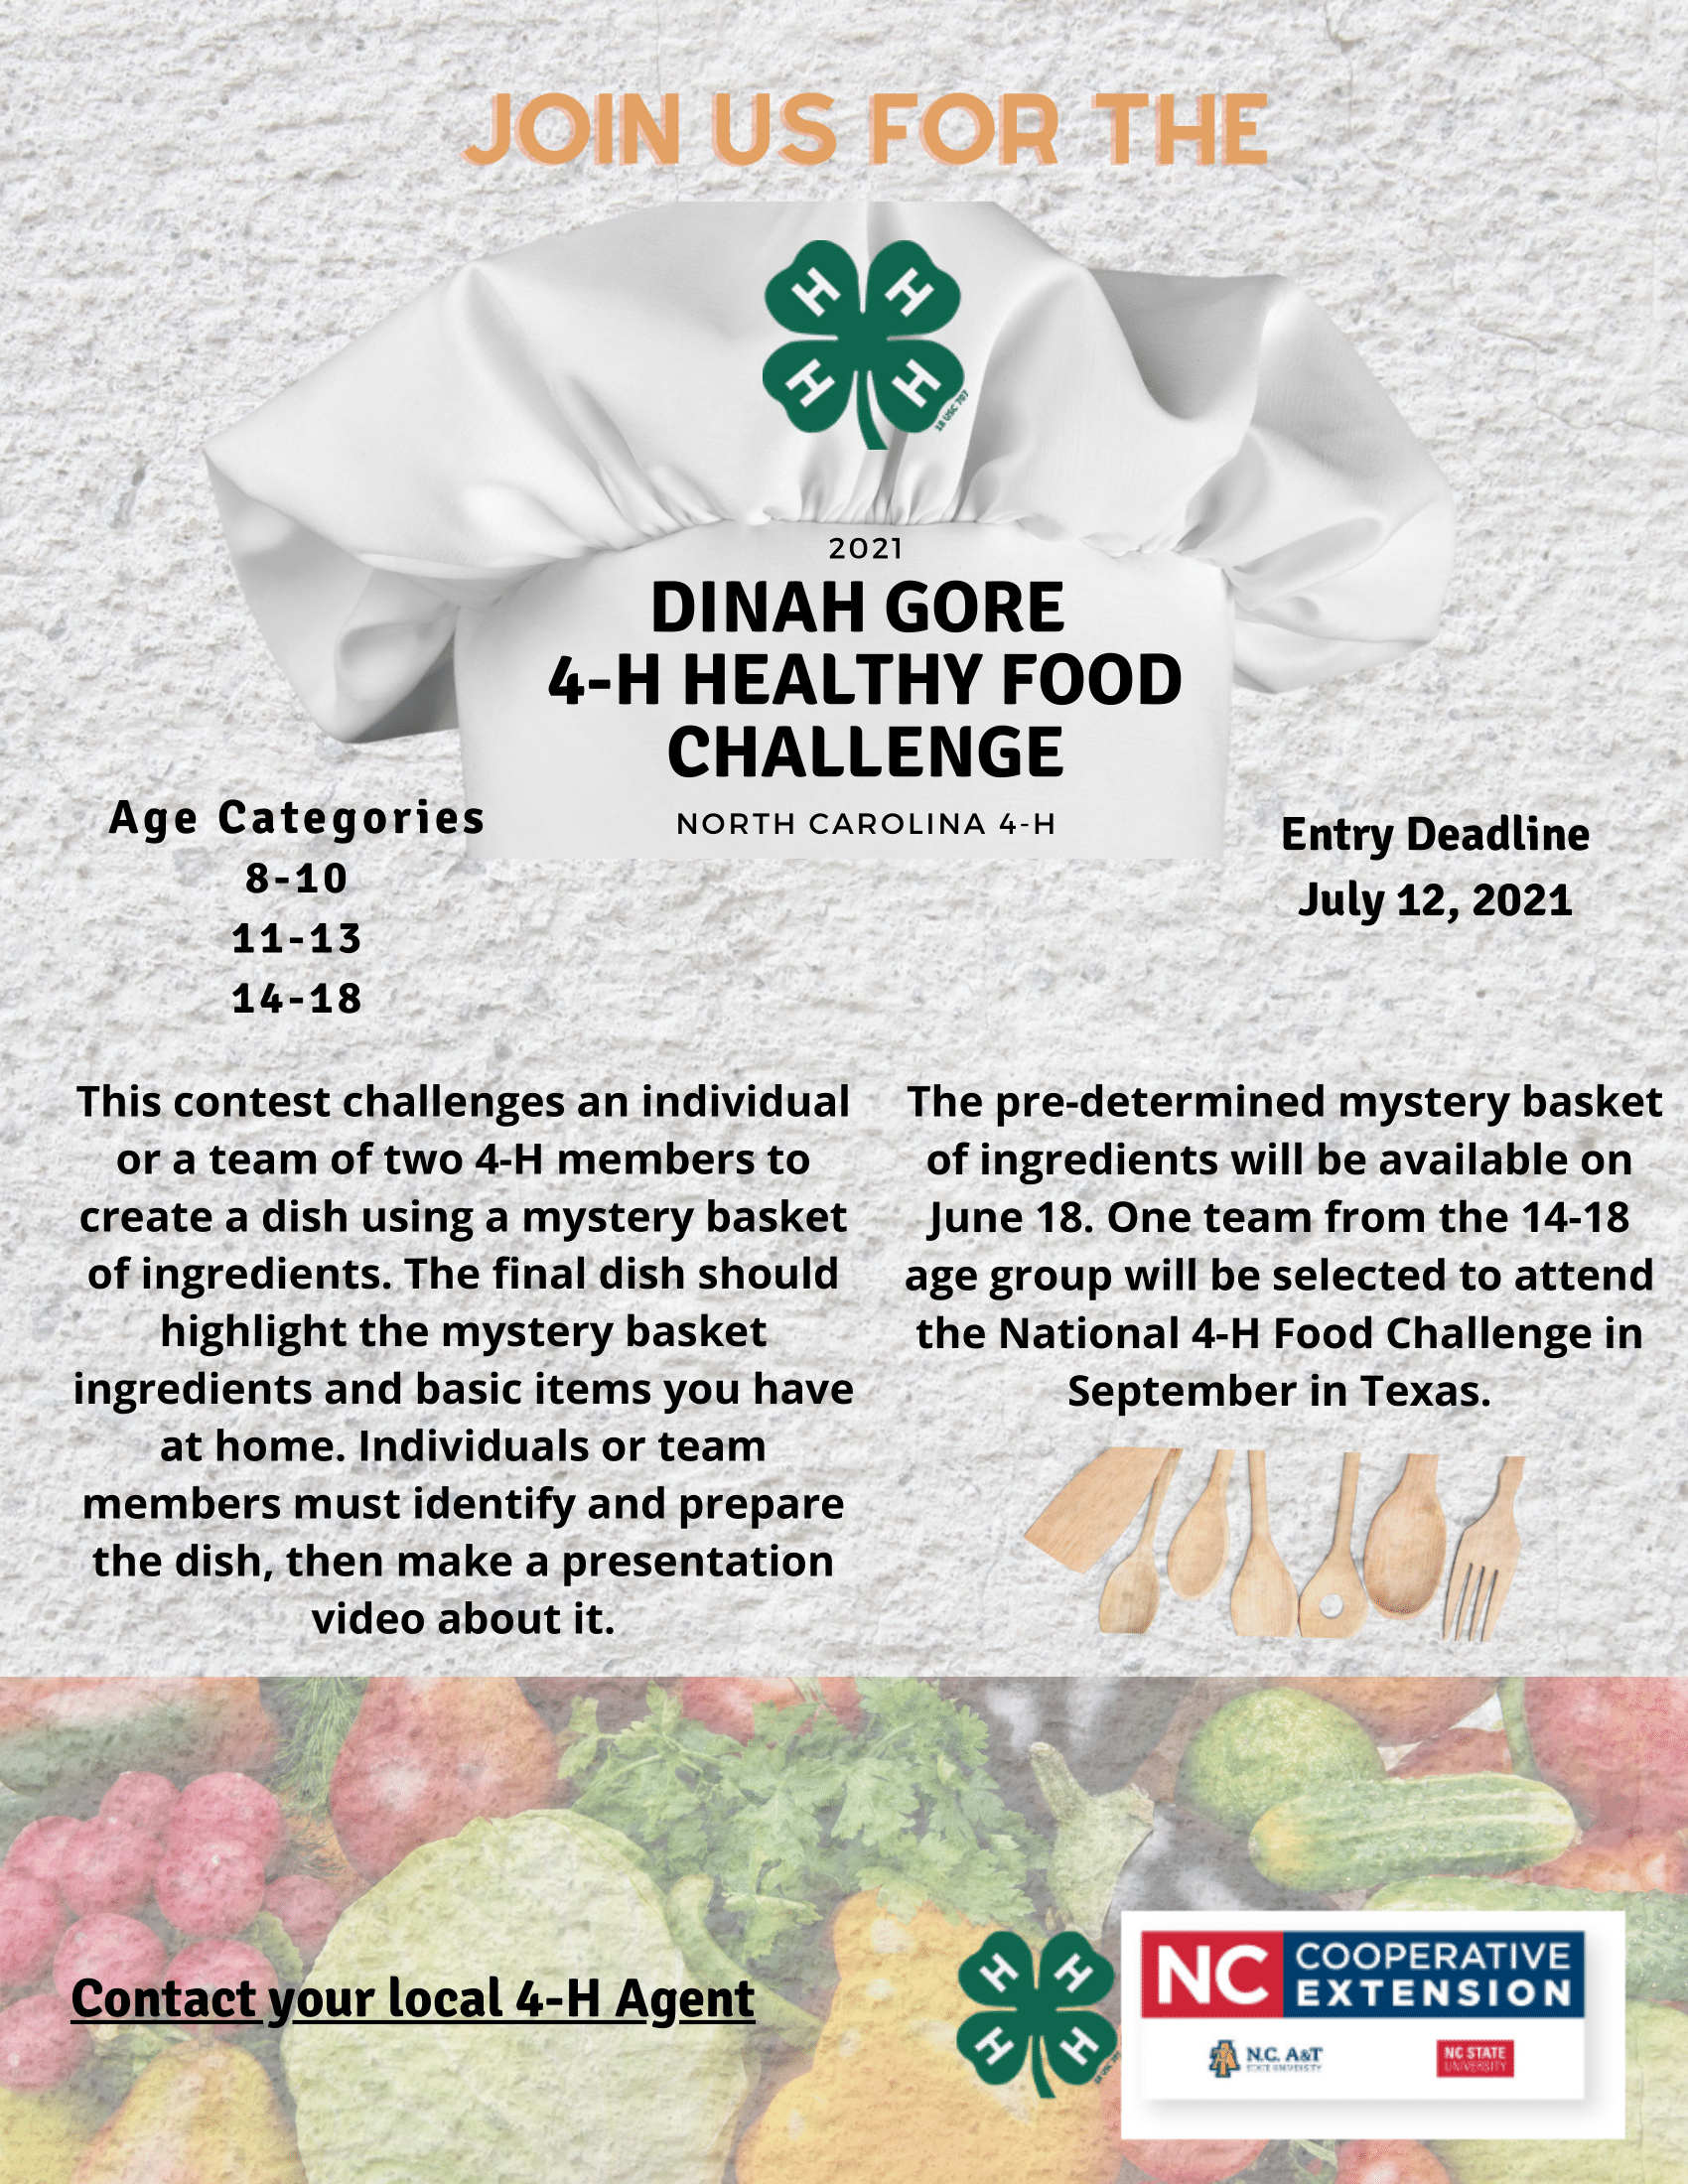 Healthy Food Challenge flyer image